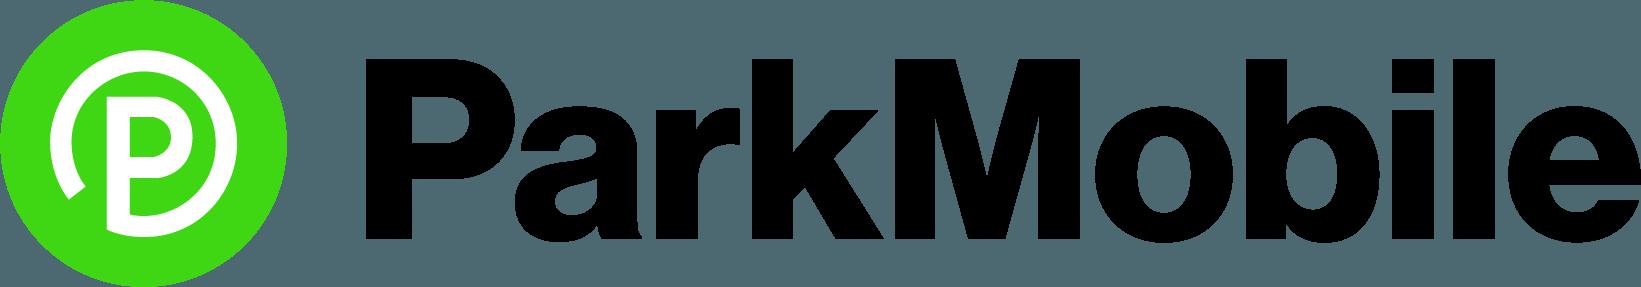 ParkMobile Company Logo